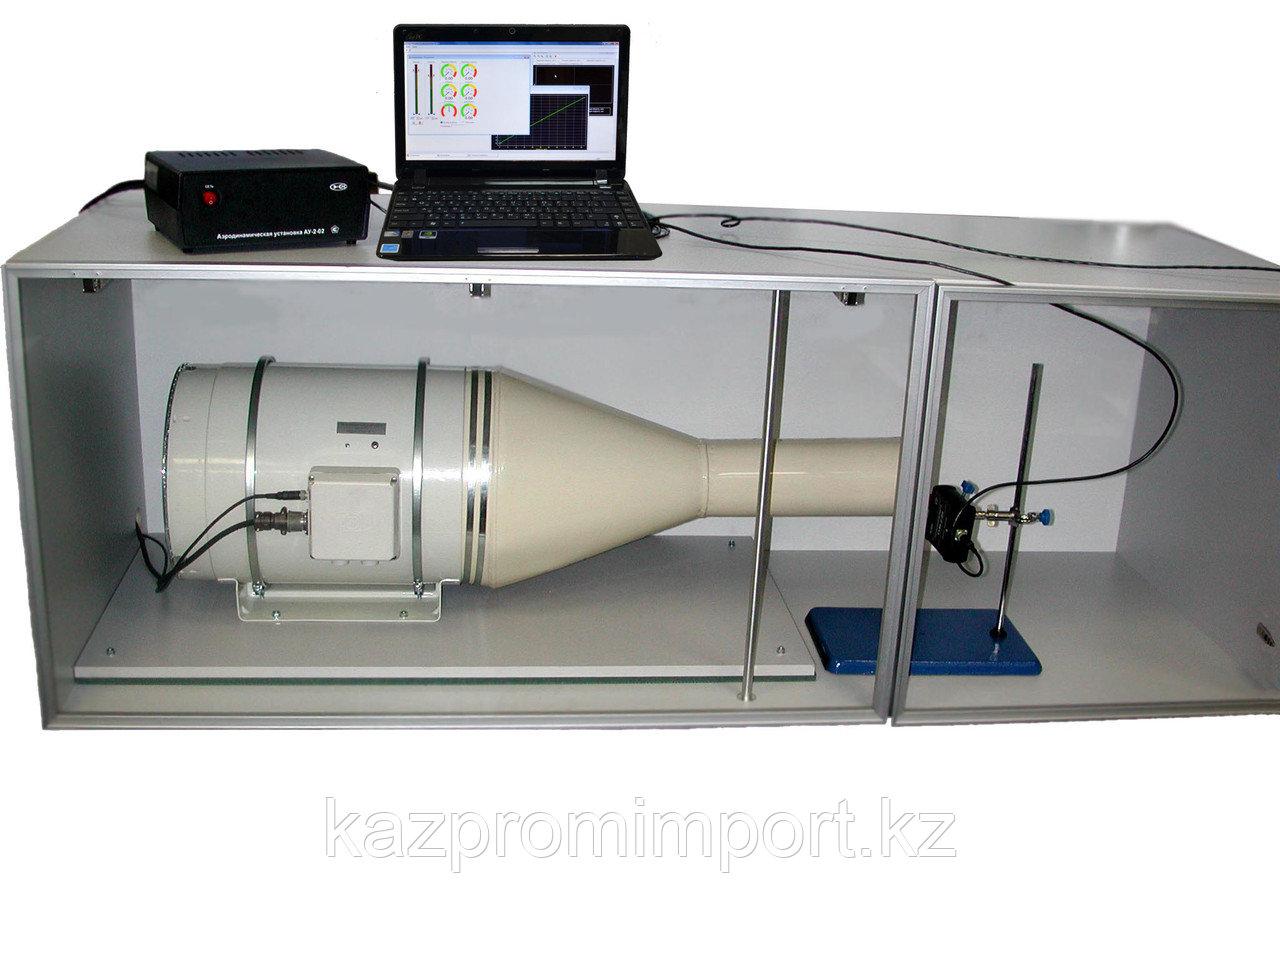 Аэродинамическая установка АУ-02-2